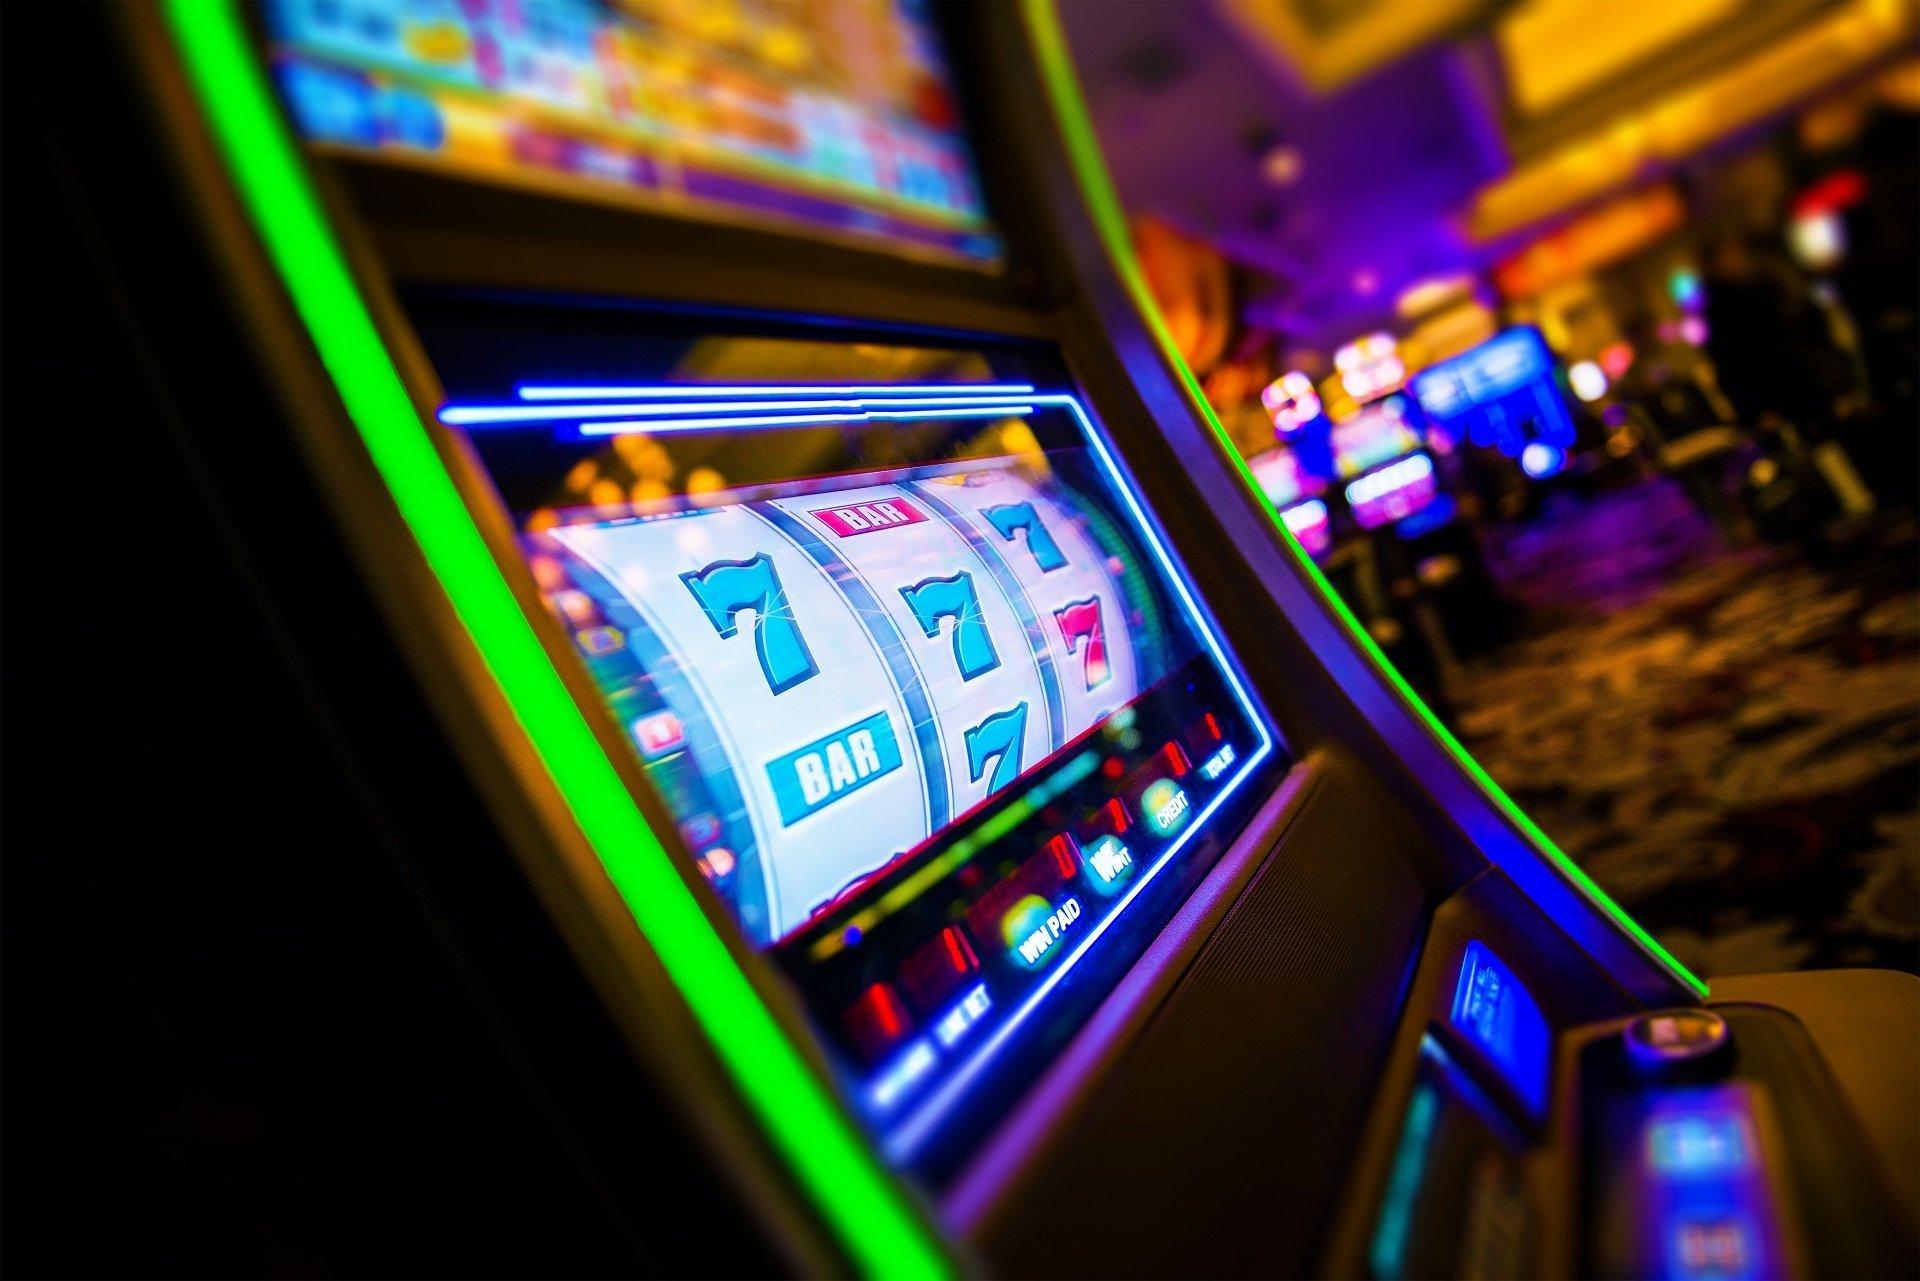 dettaglio di slot machine